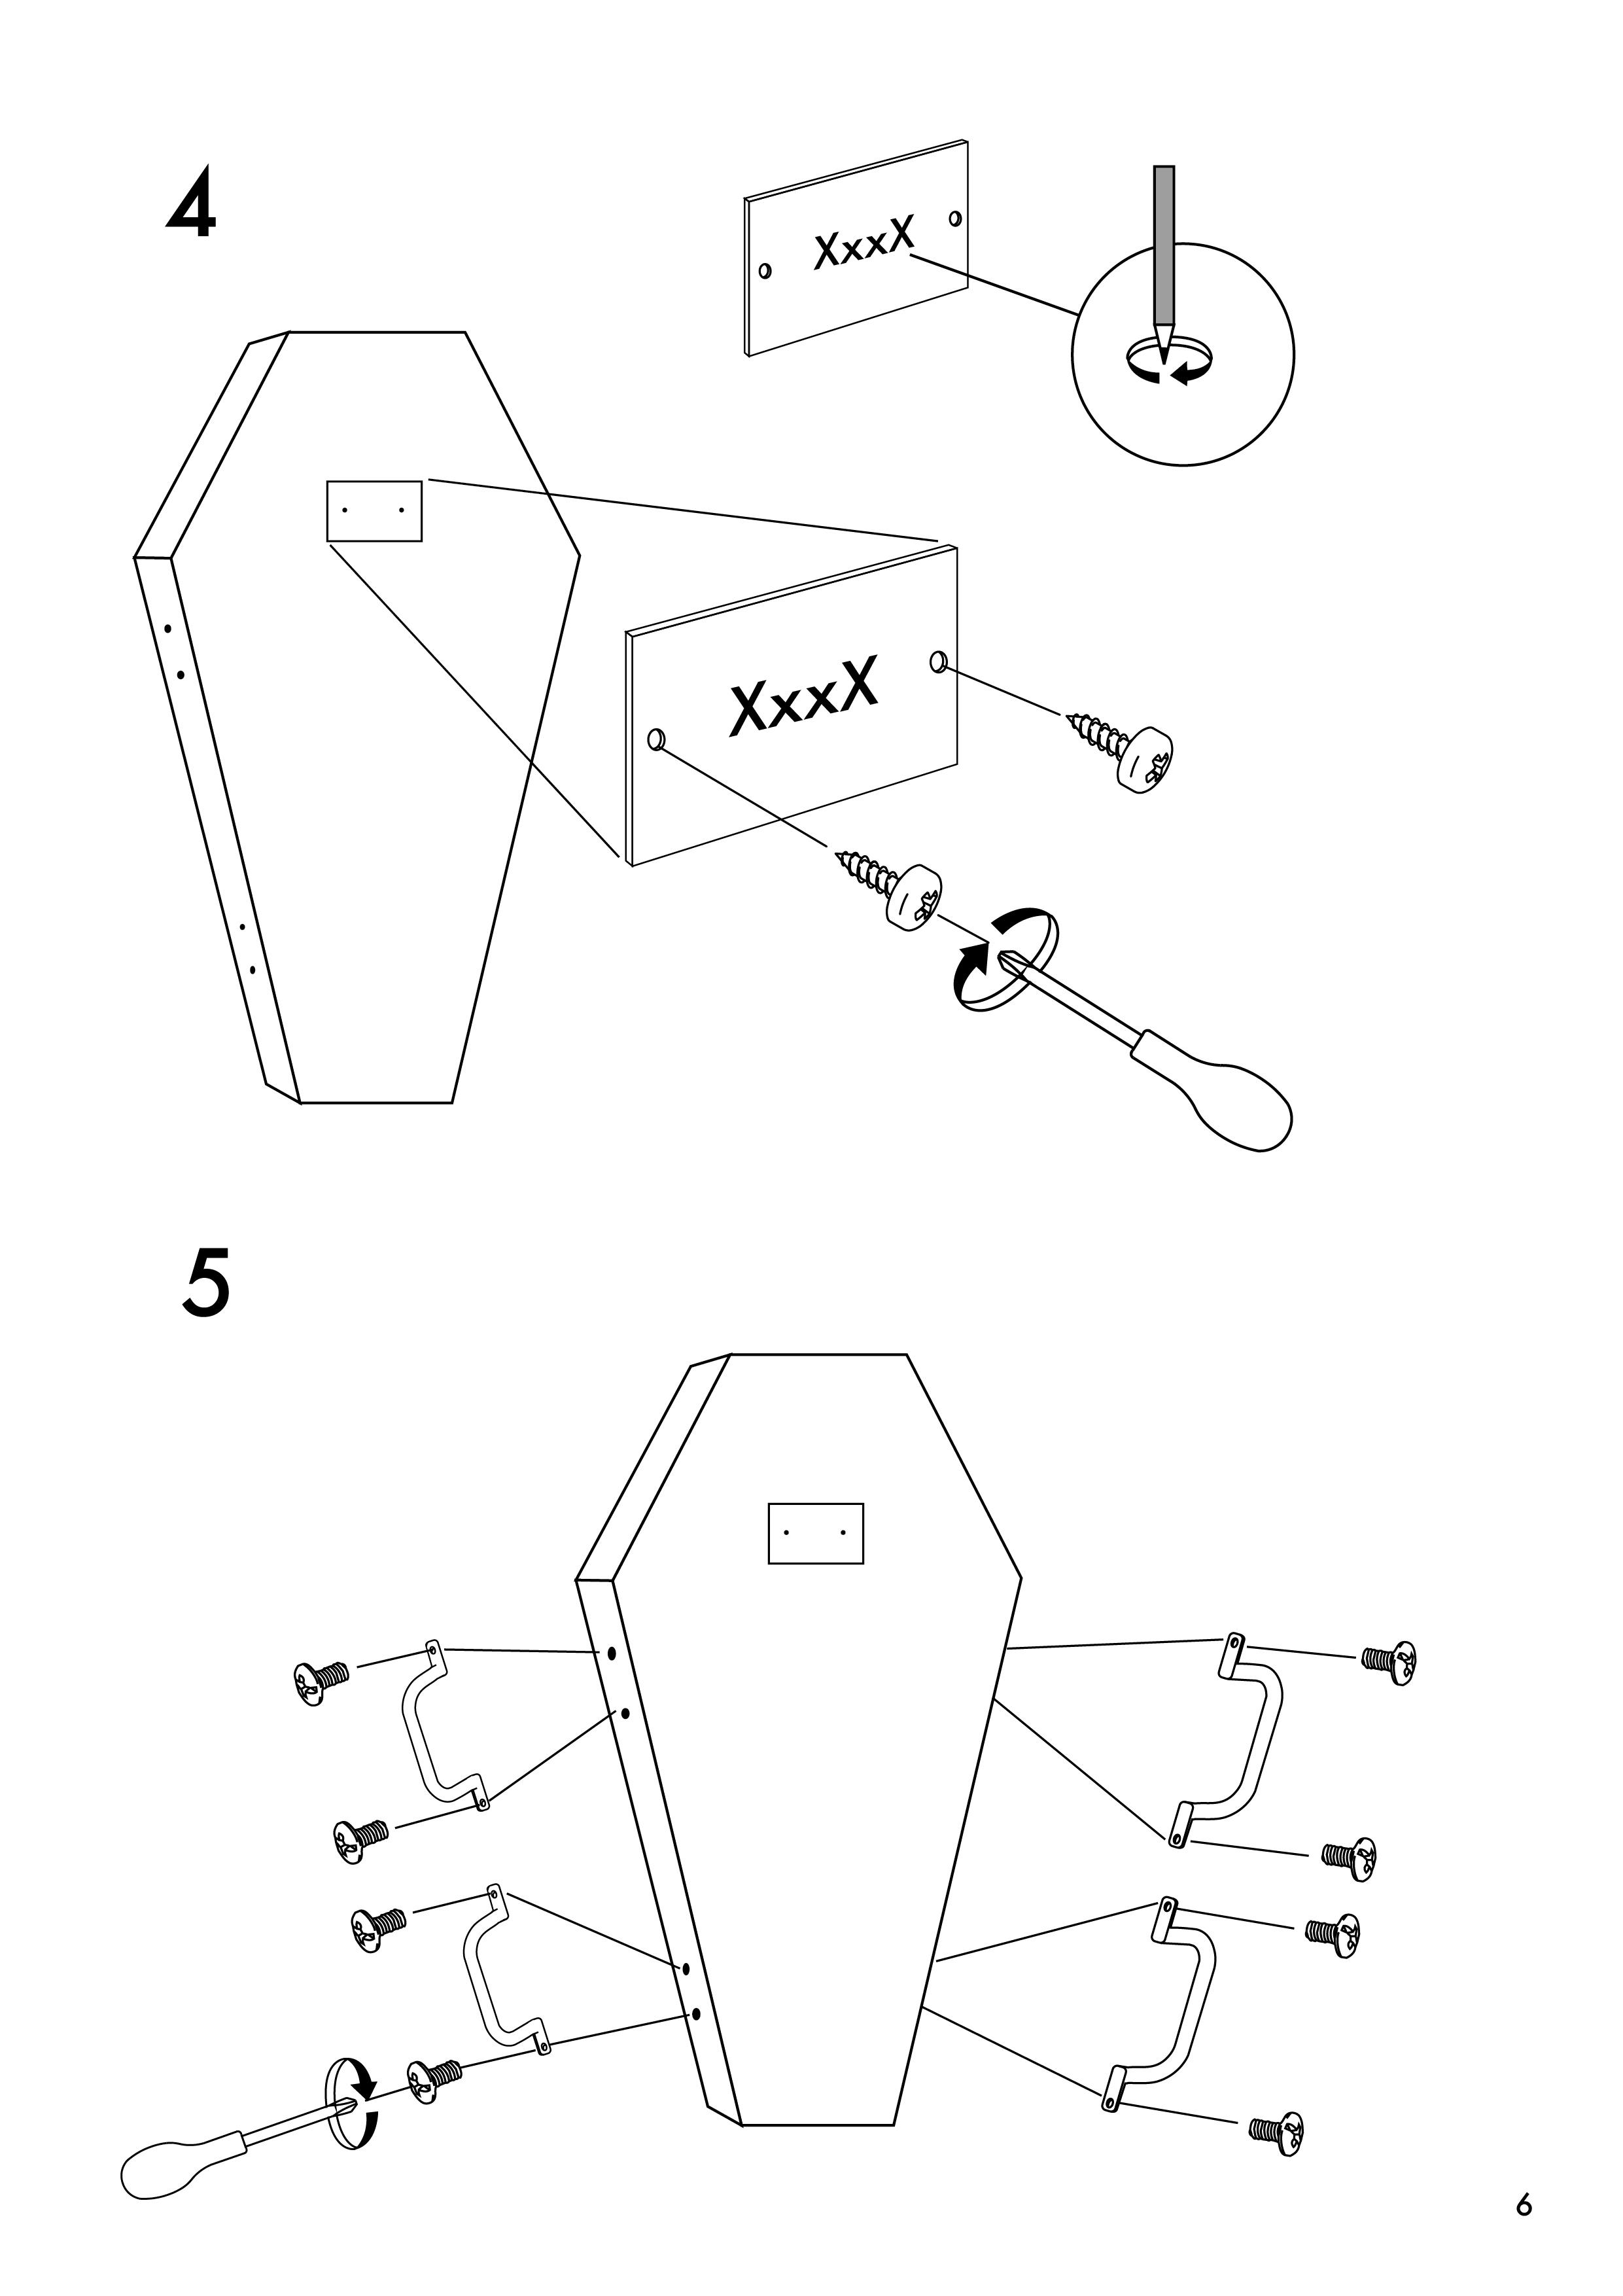 IKEA CATALOGUE 2cs2V2-07.jpg